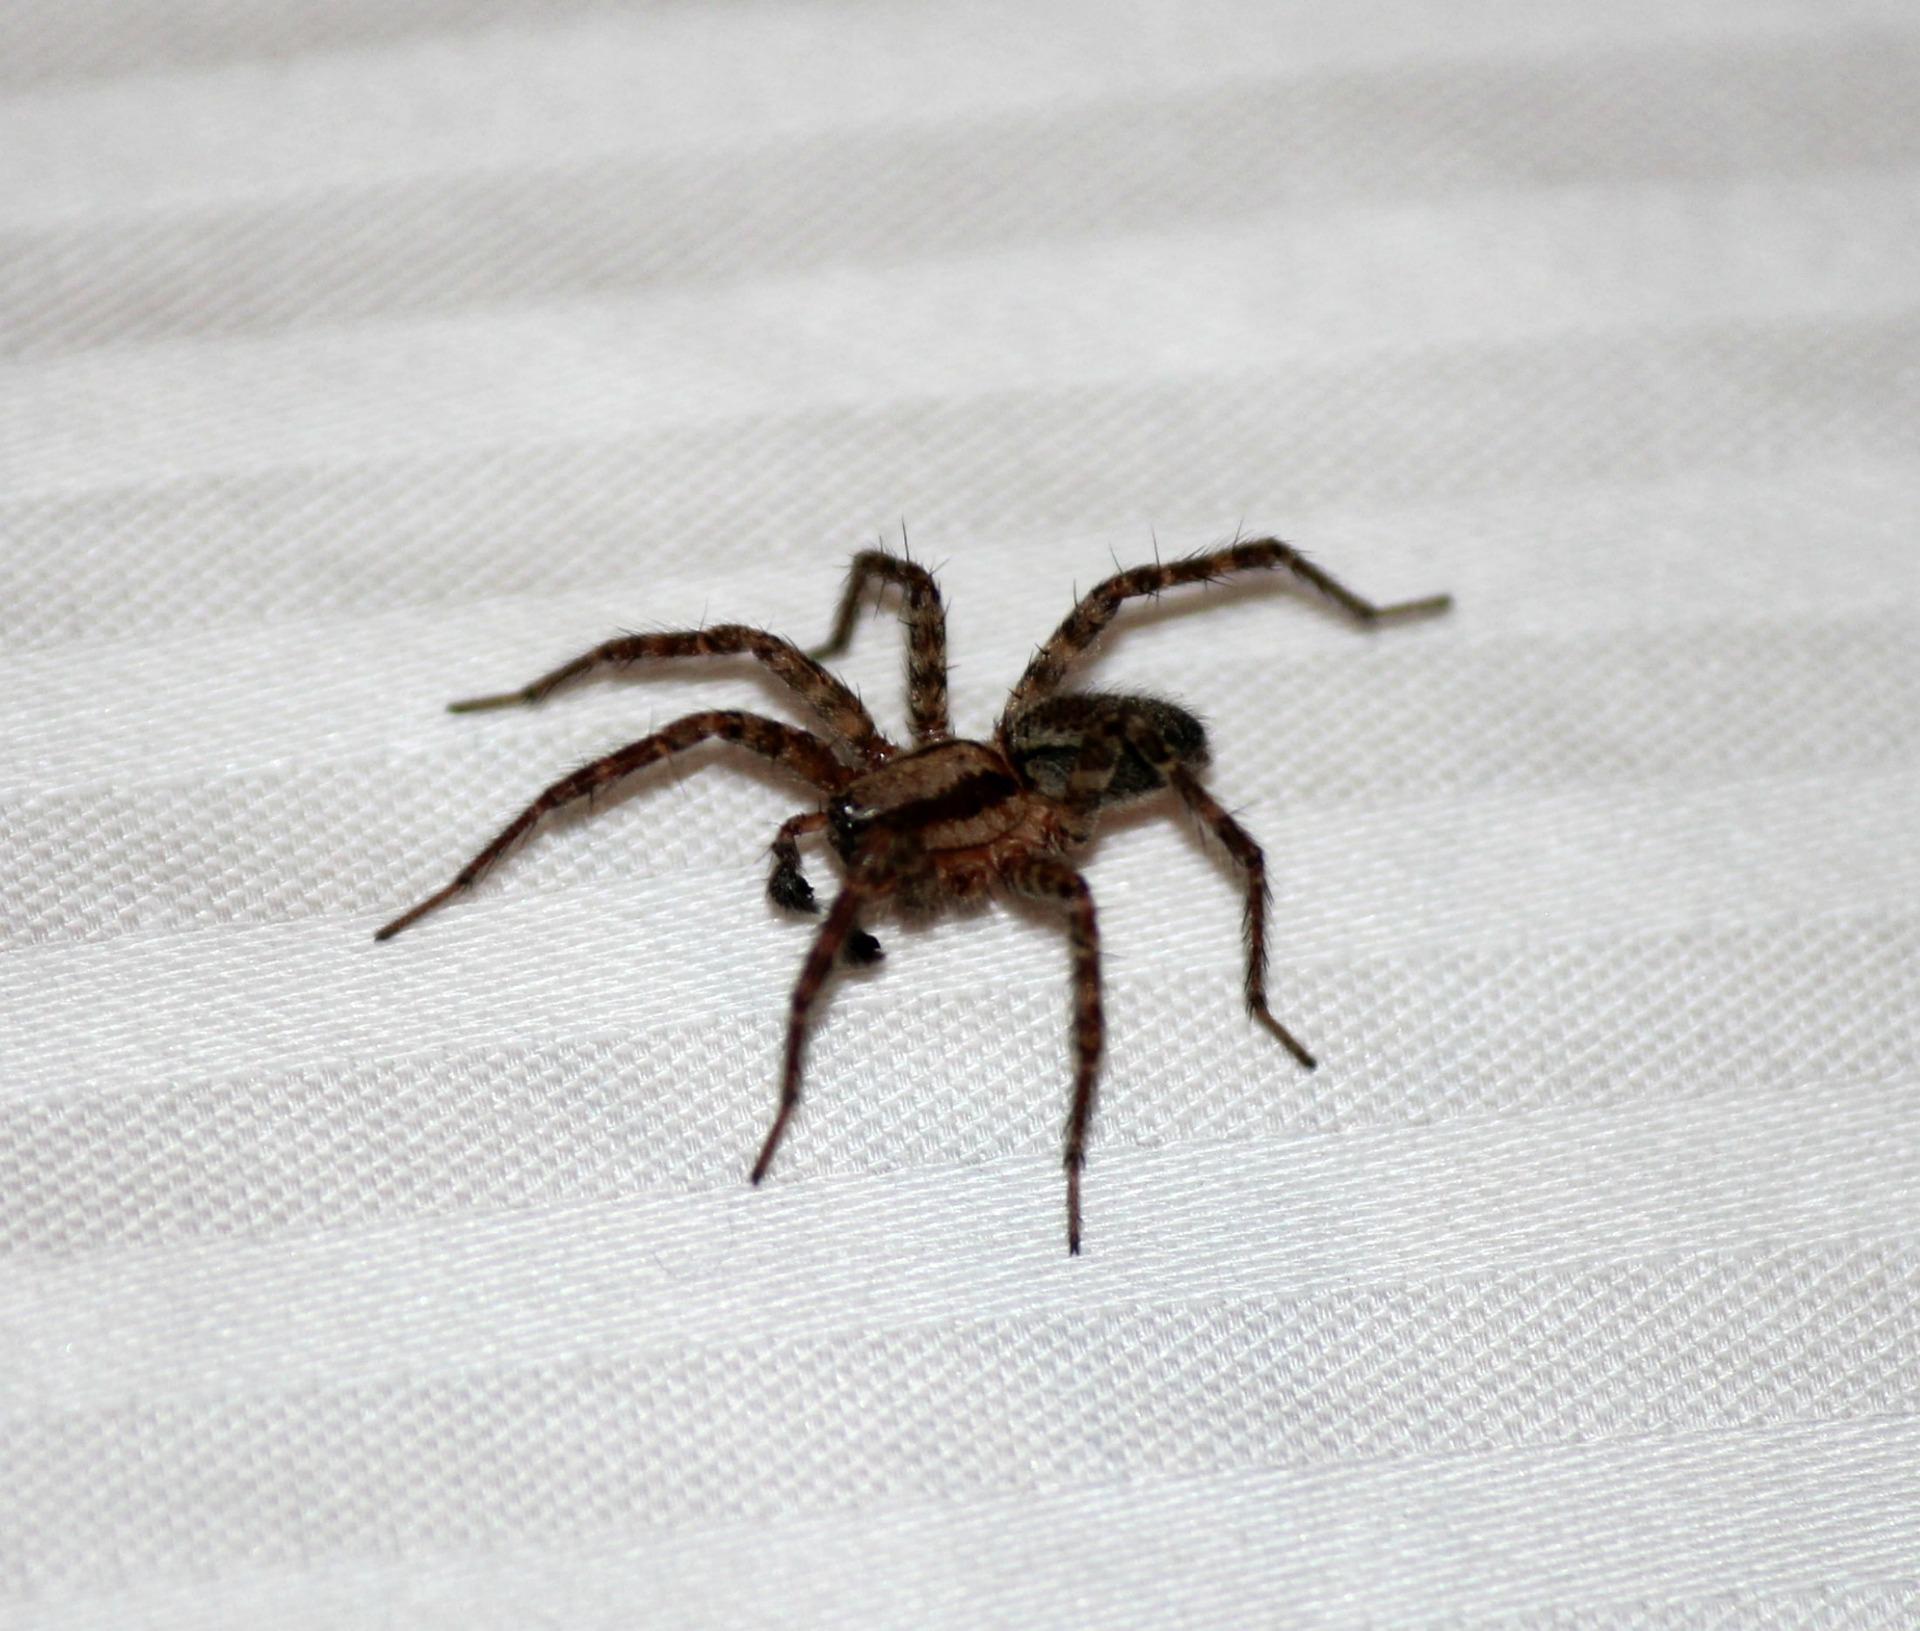 10 Möglichkeiten, Spinnen endgültig ohne Chemikalien zu befreien